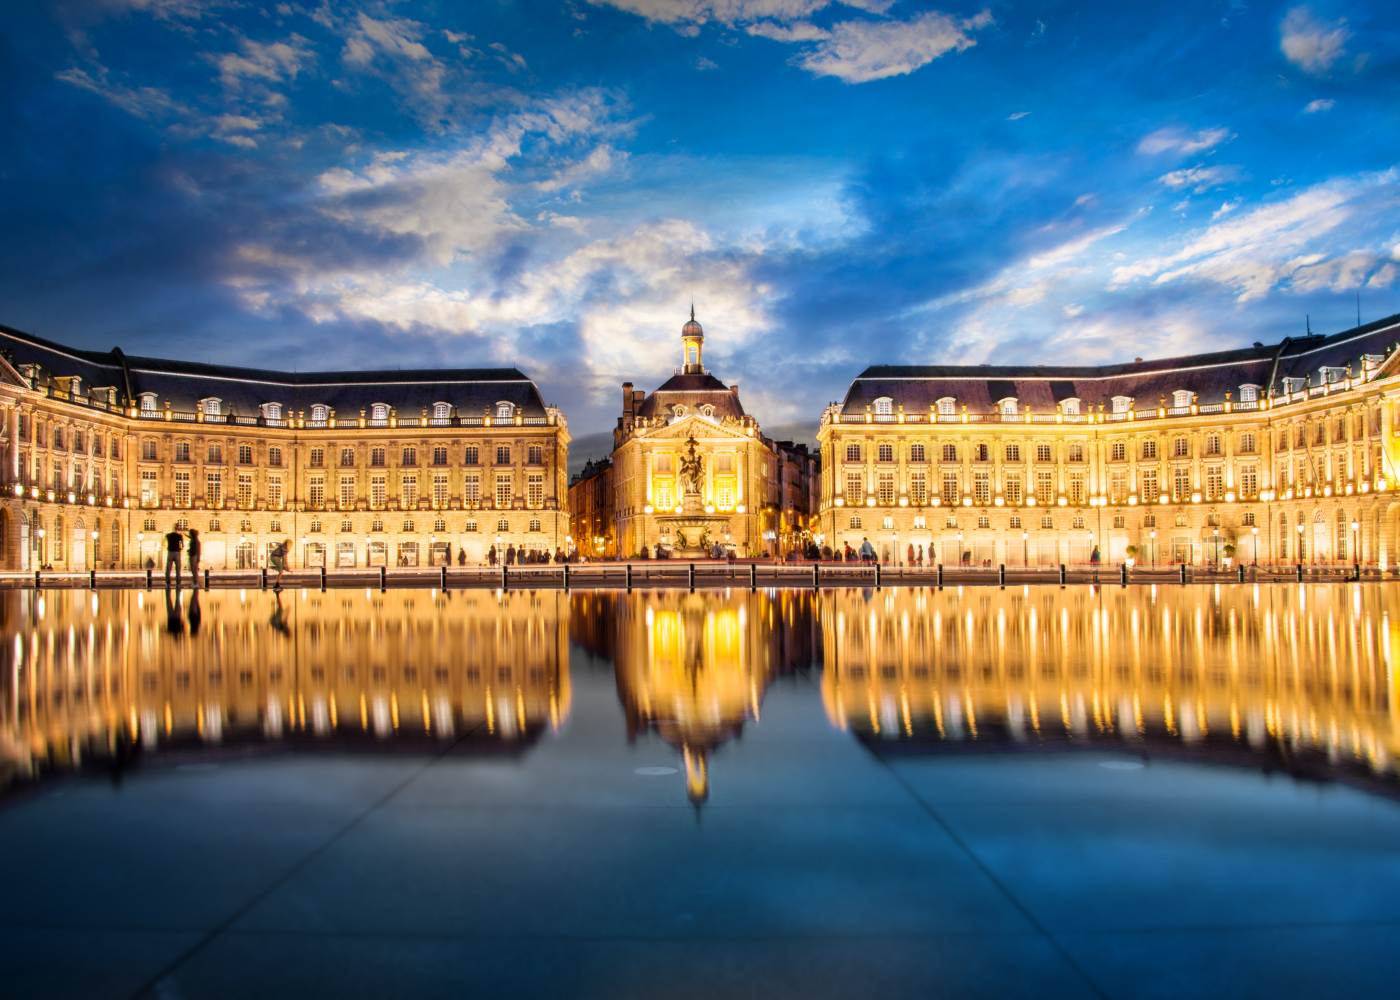 Palácio da Bolsa de Bordéus